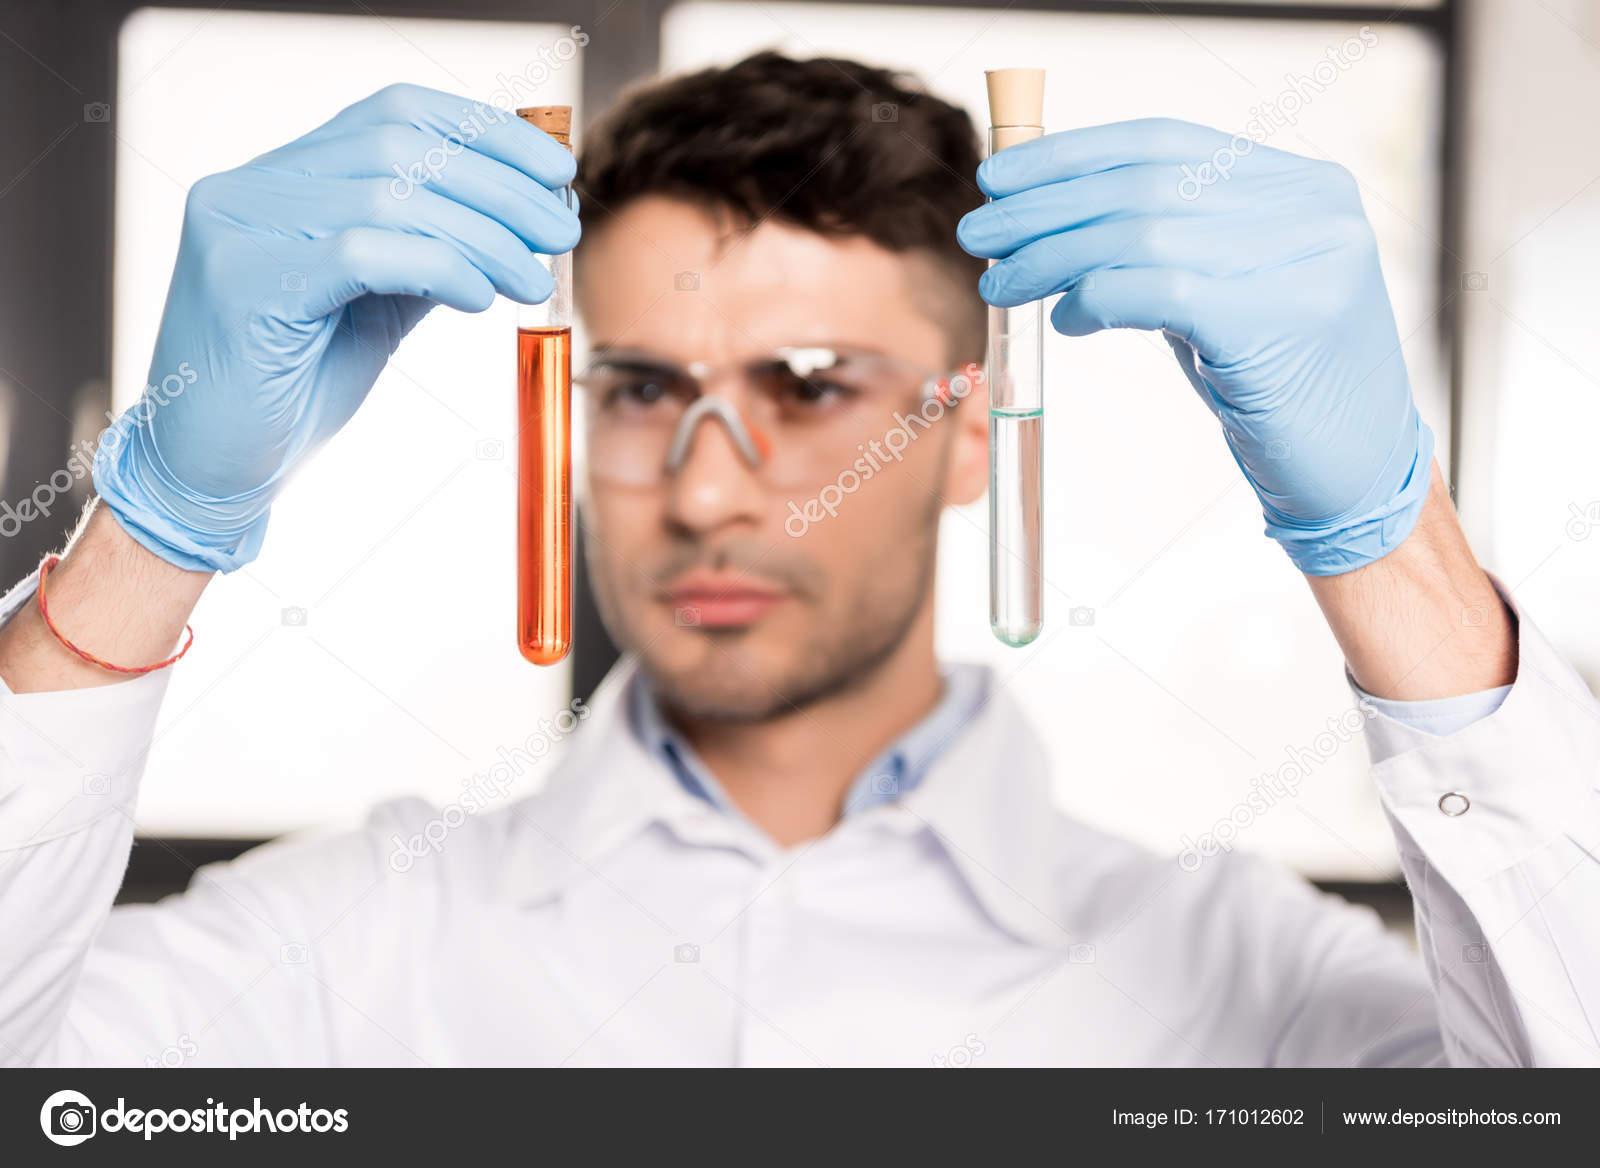 dca7a38f27 Πορτρέτο του νεαρός επιστήμονας σε προστατευτικά γυαλιά κρατώντας σωλήνες  δοκιμής στο ερευνητικό εργαστήριο — Εικόνα από ...